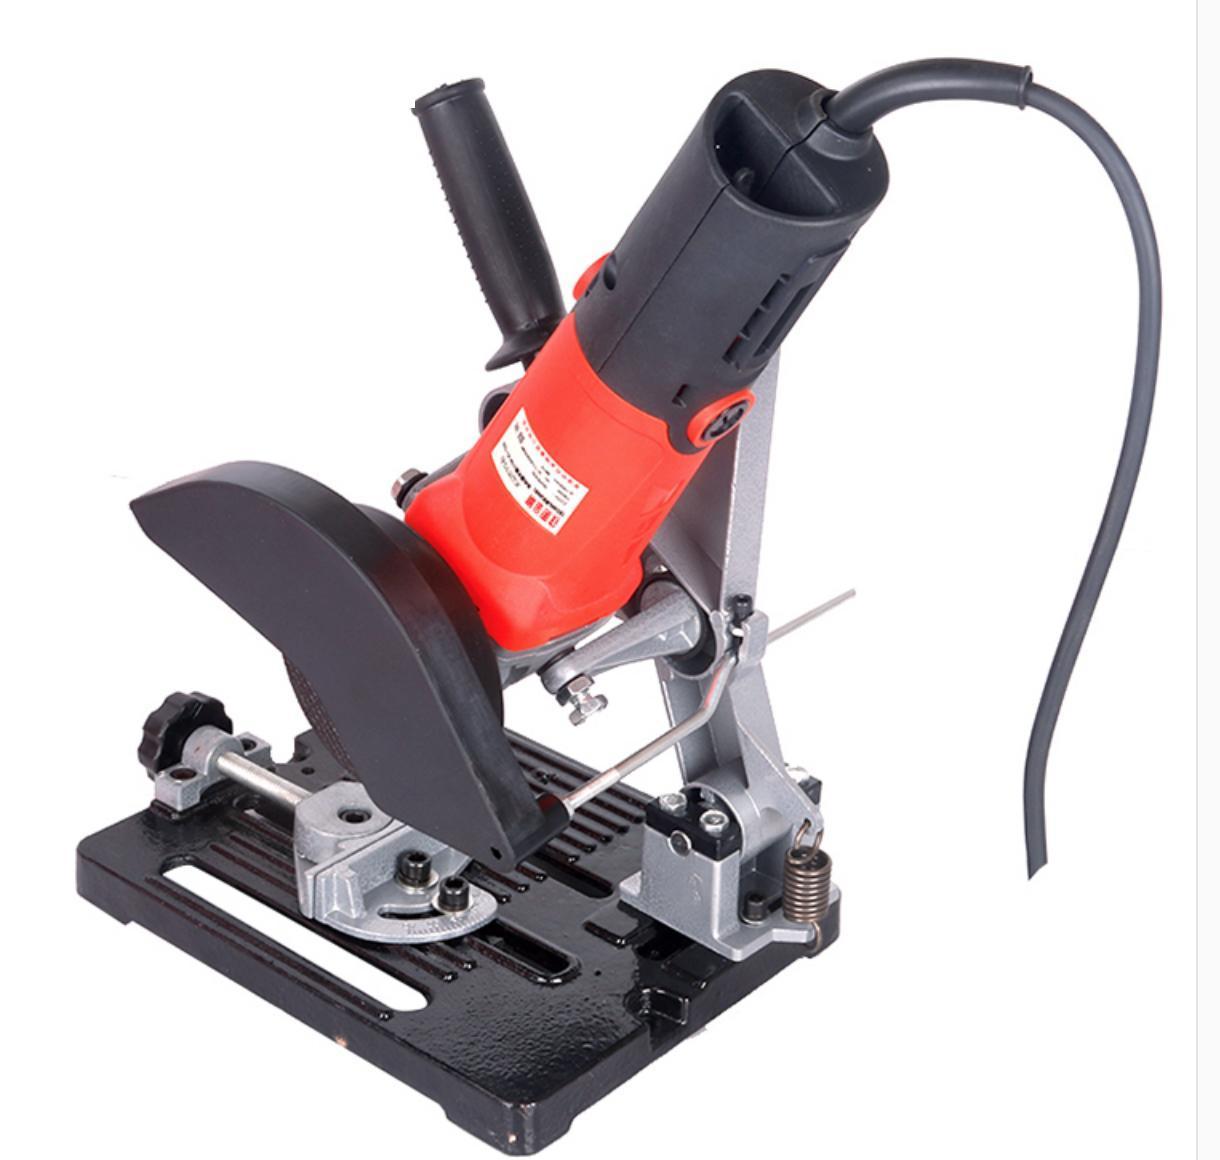 Bộ chân đế máy cắt bàn TZ6103 , dùng cho máy mài TZ-6103